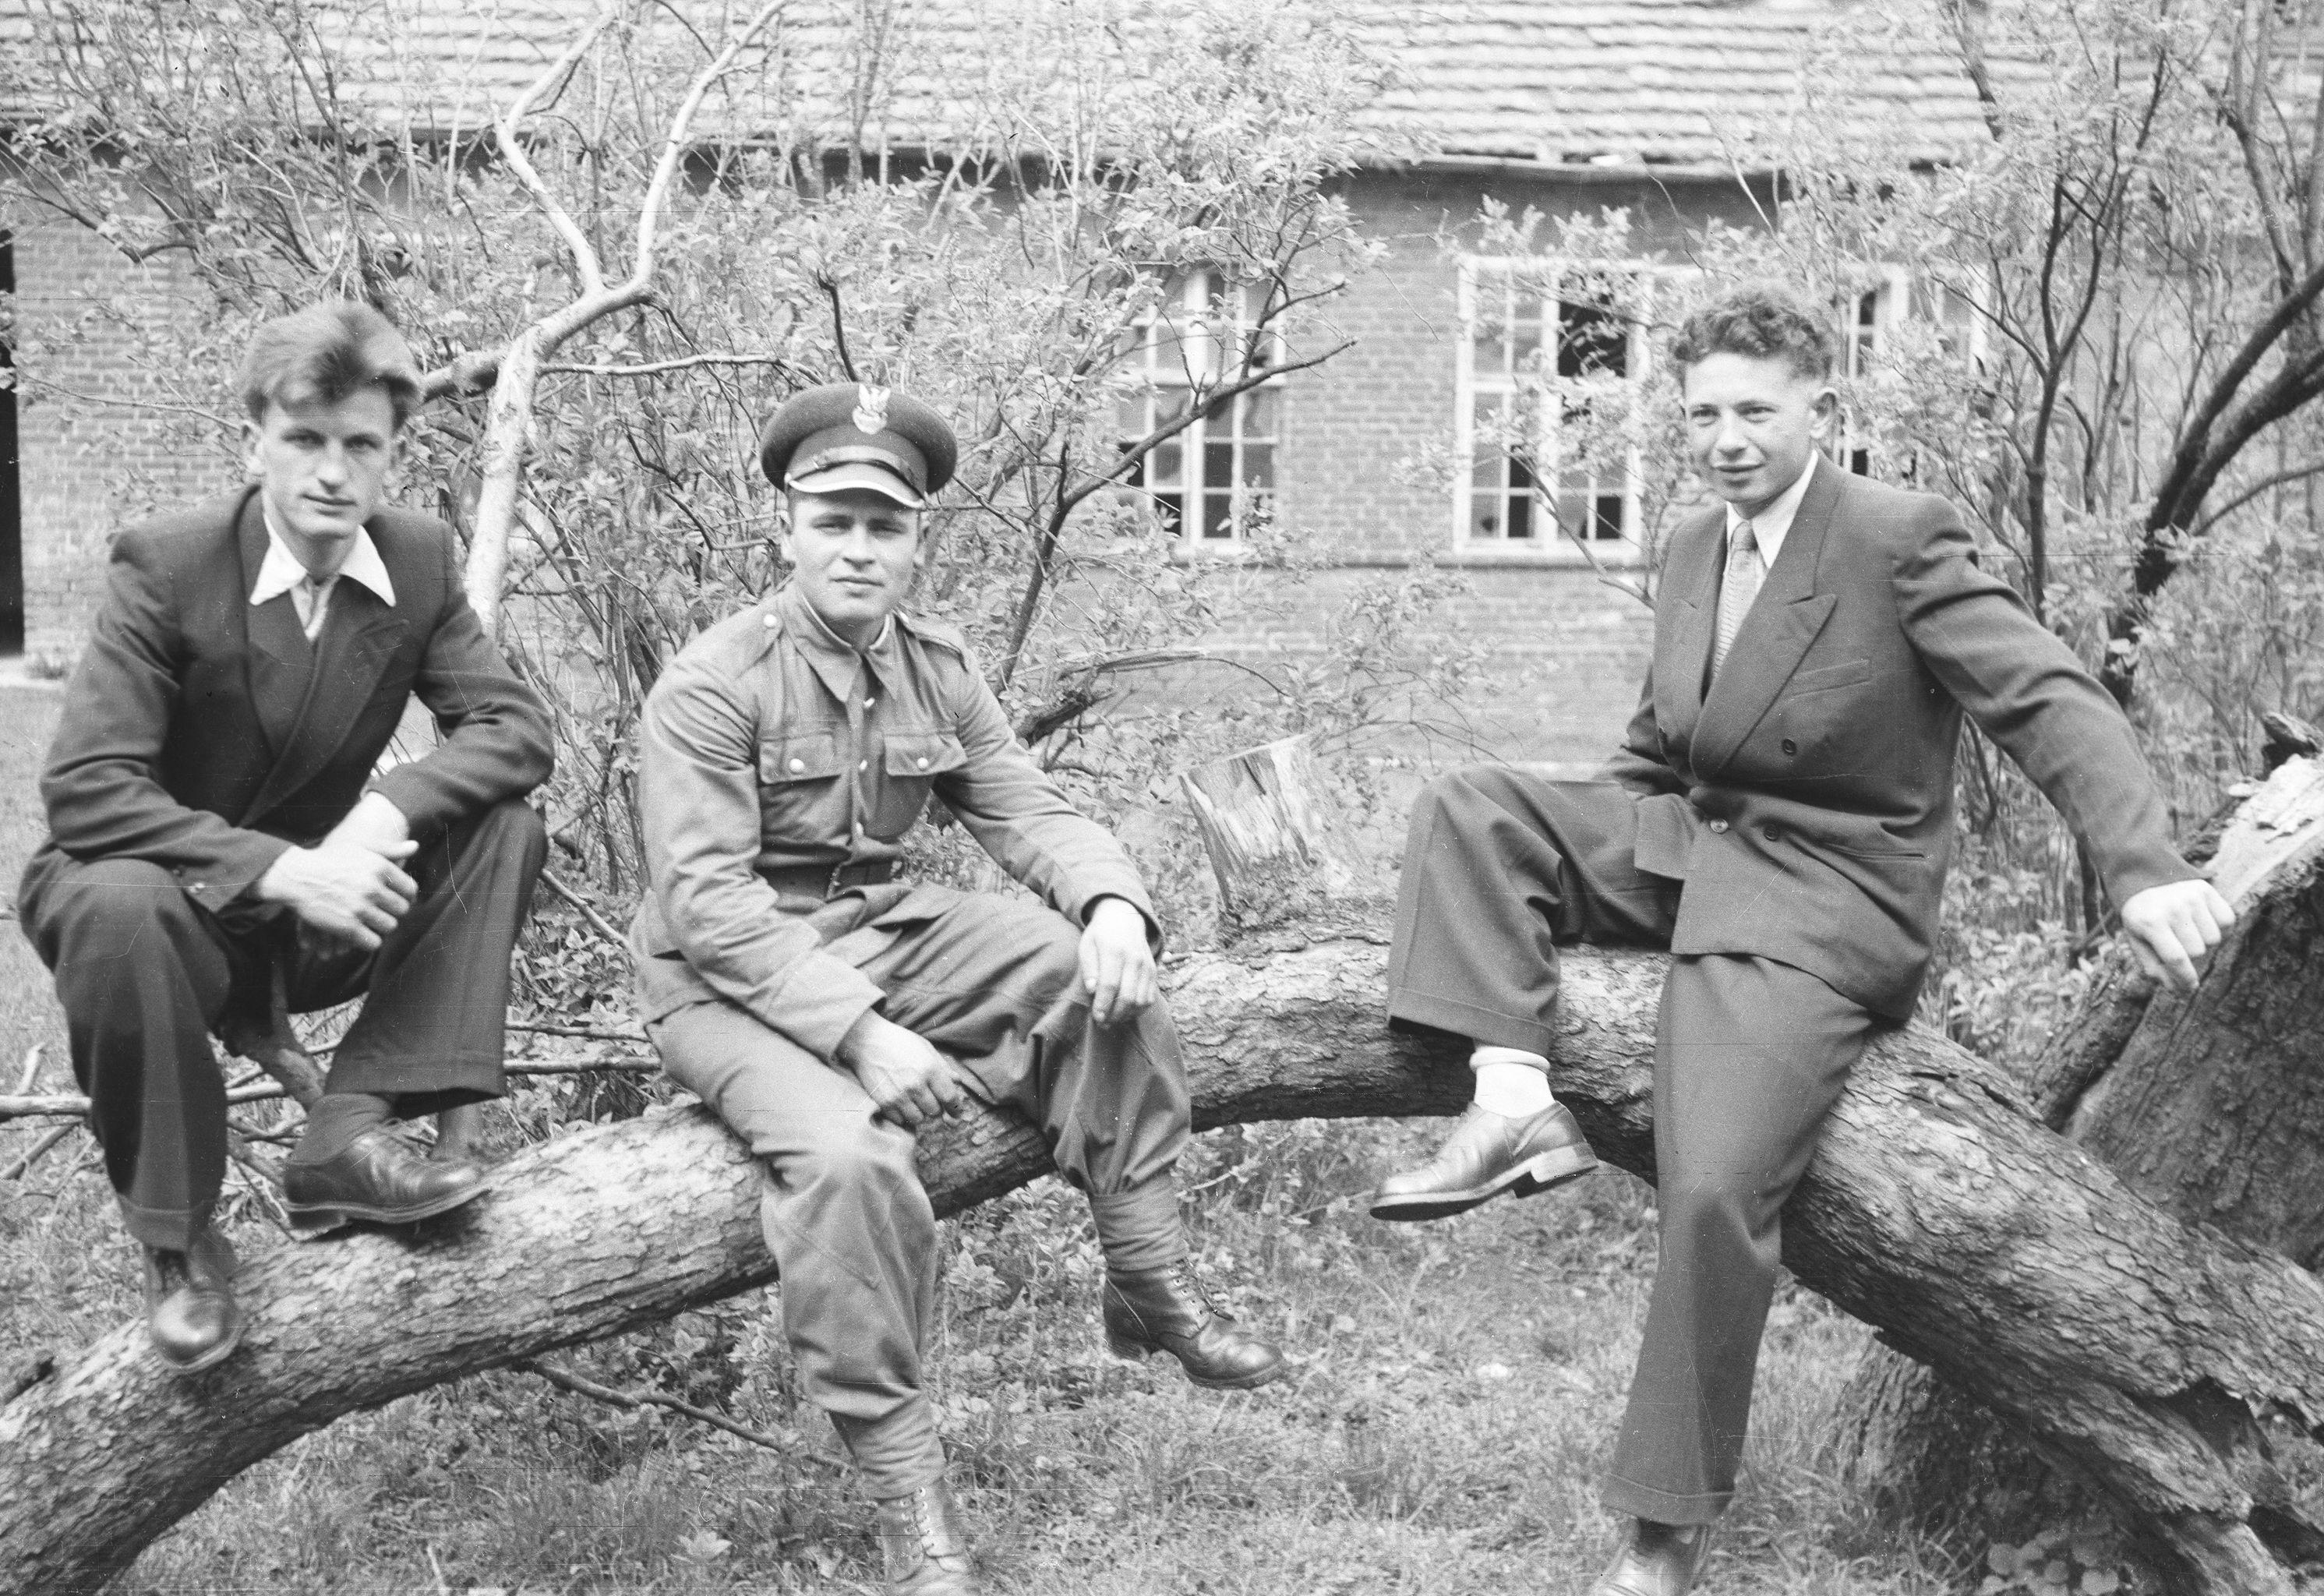 Od lewej: Jeziorny, Franciszek Pytel, Michał Jasków, Turzany, Dolny Śląsk, lata 50. XX w.